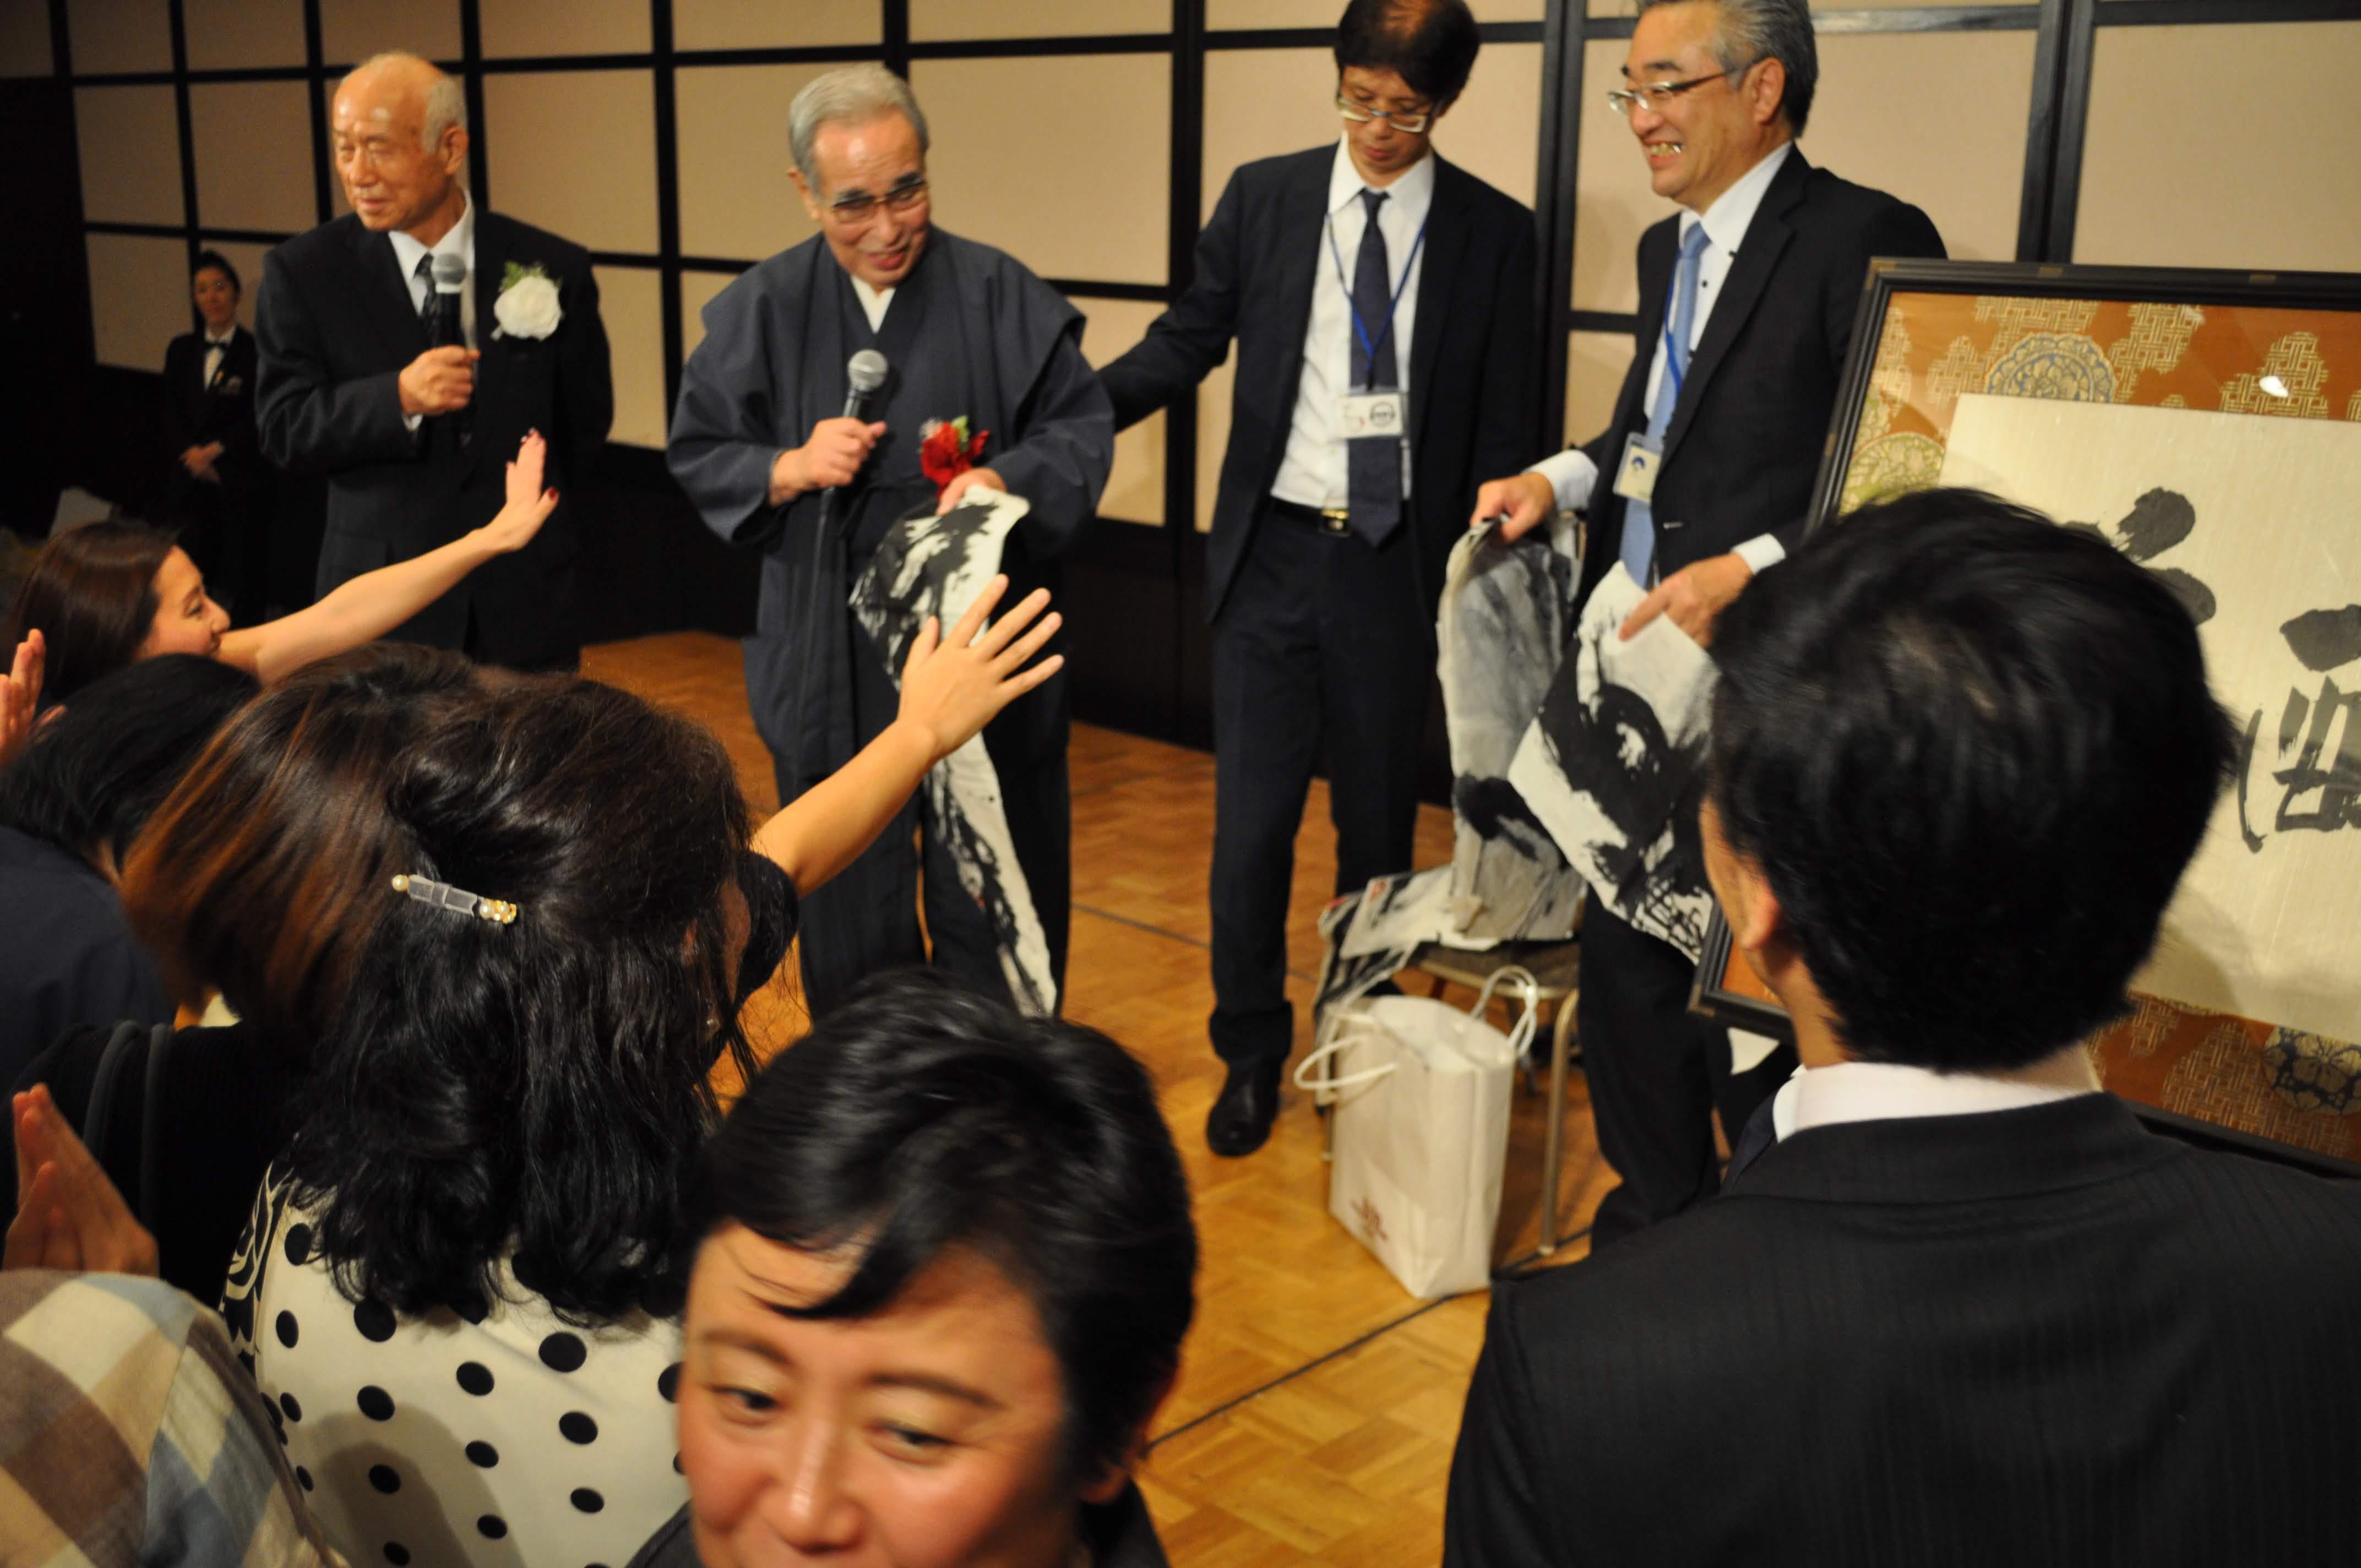 DSC 0570 1 - 思風会全国大会in広島